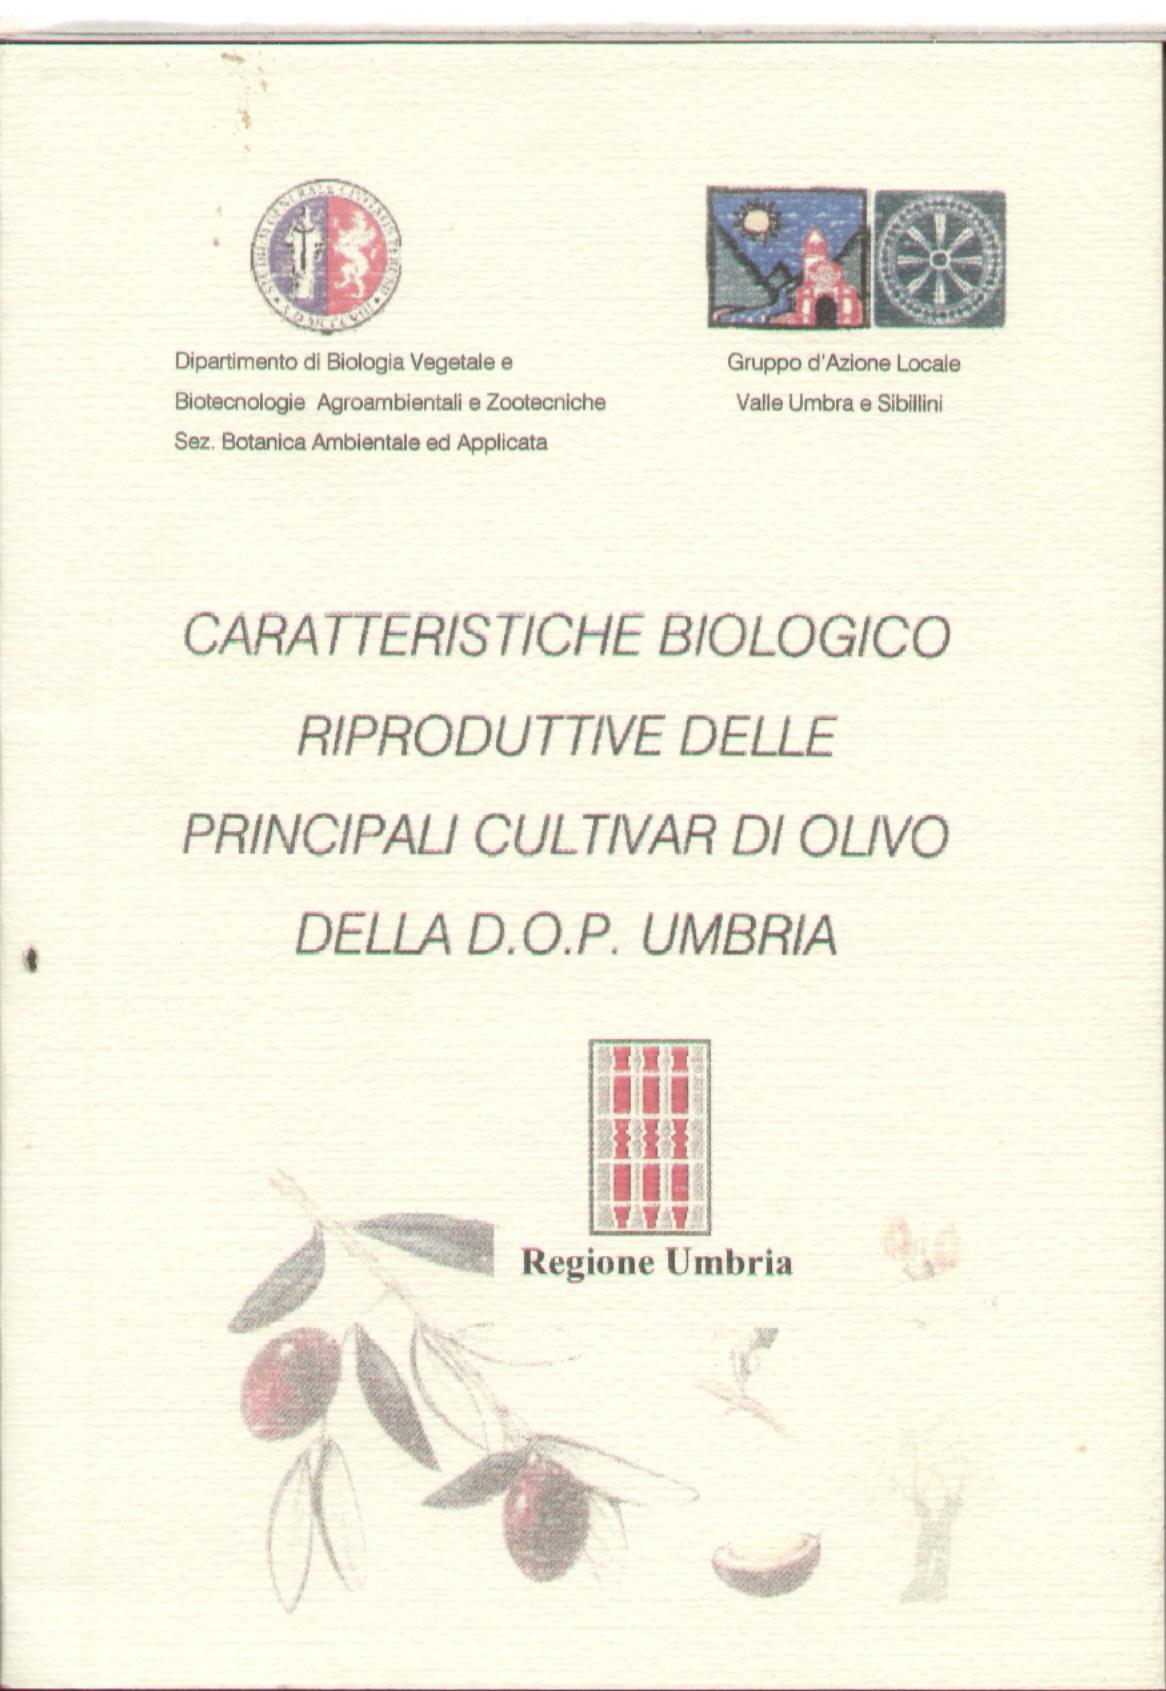 Caratteristiche biologico riproduttive delle principali cultivar di olivo della D.O.P. Umbria